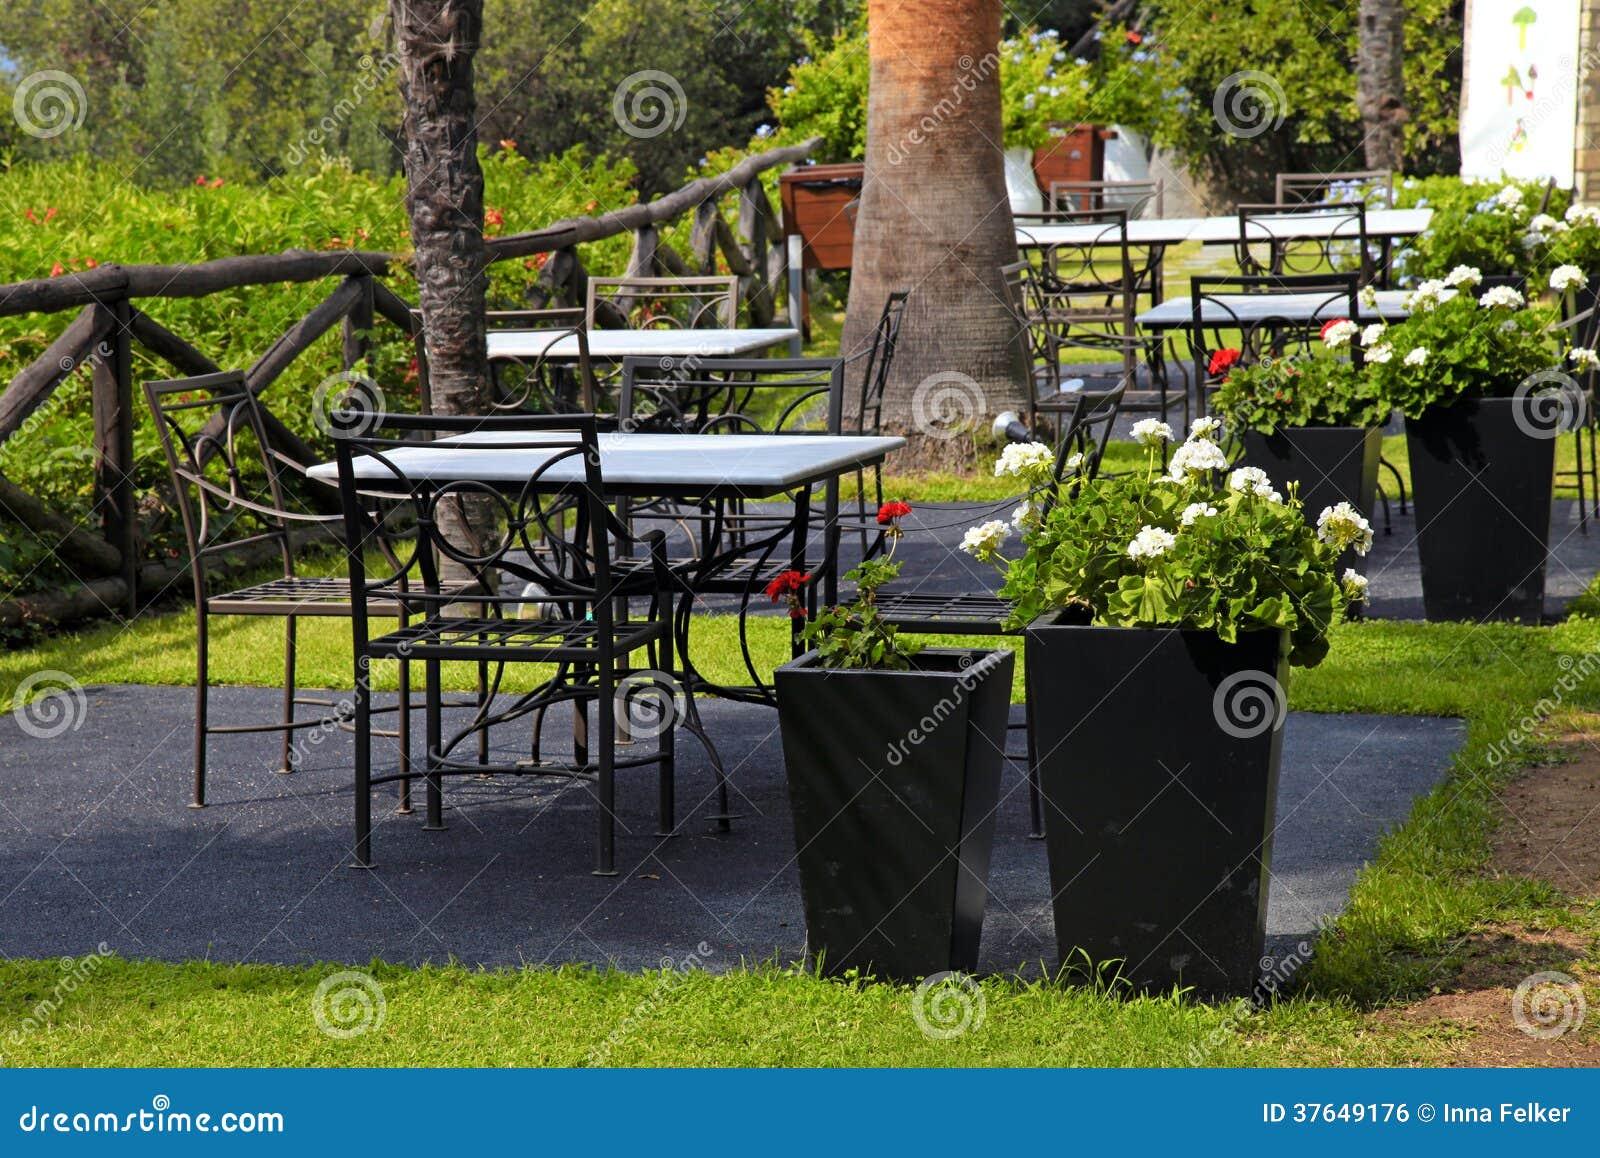 Tablas sillas del hierro y macetas en el jard n grecia for Sillas hierro jardin